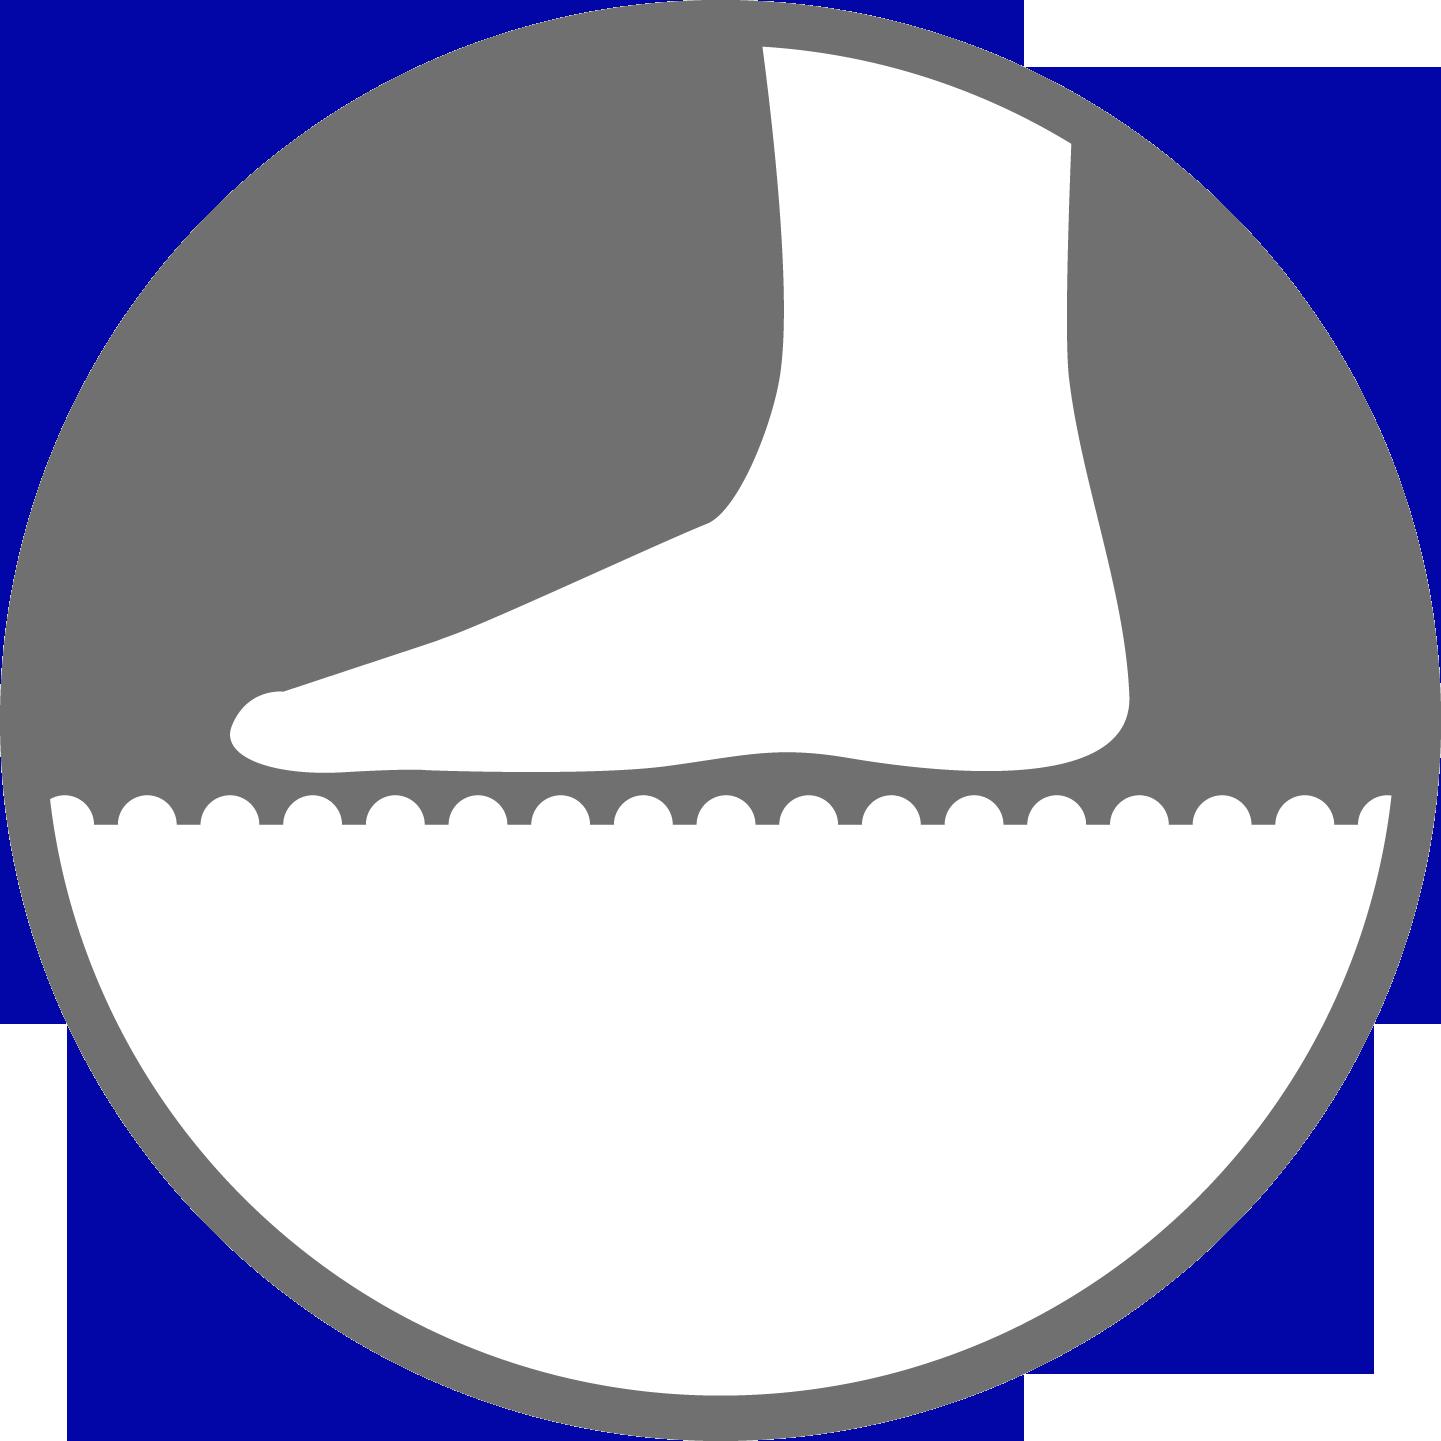 Protiskluzová povrchová úprava (antislip, antislide)